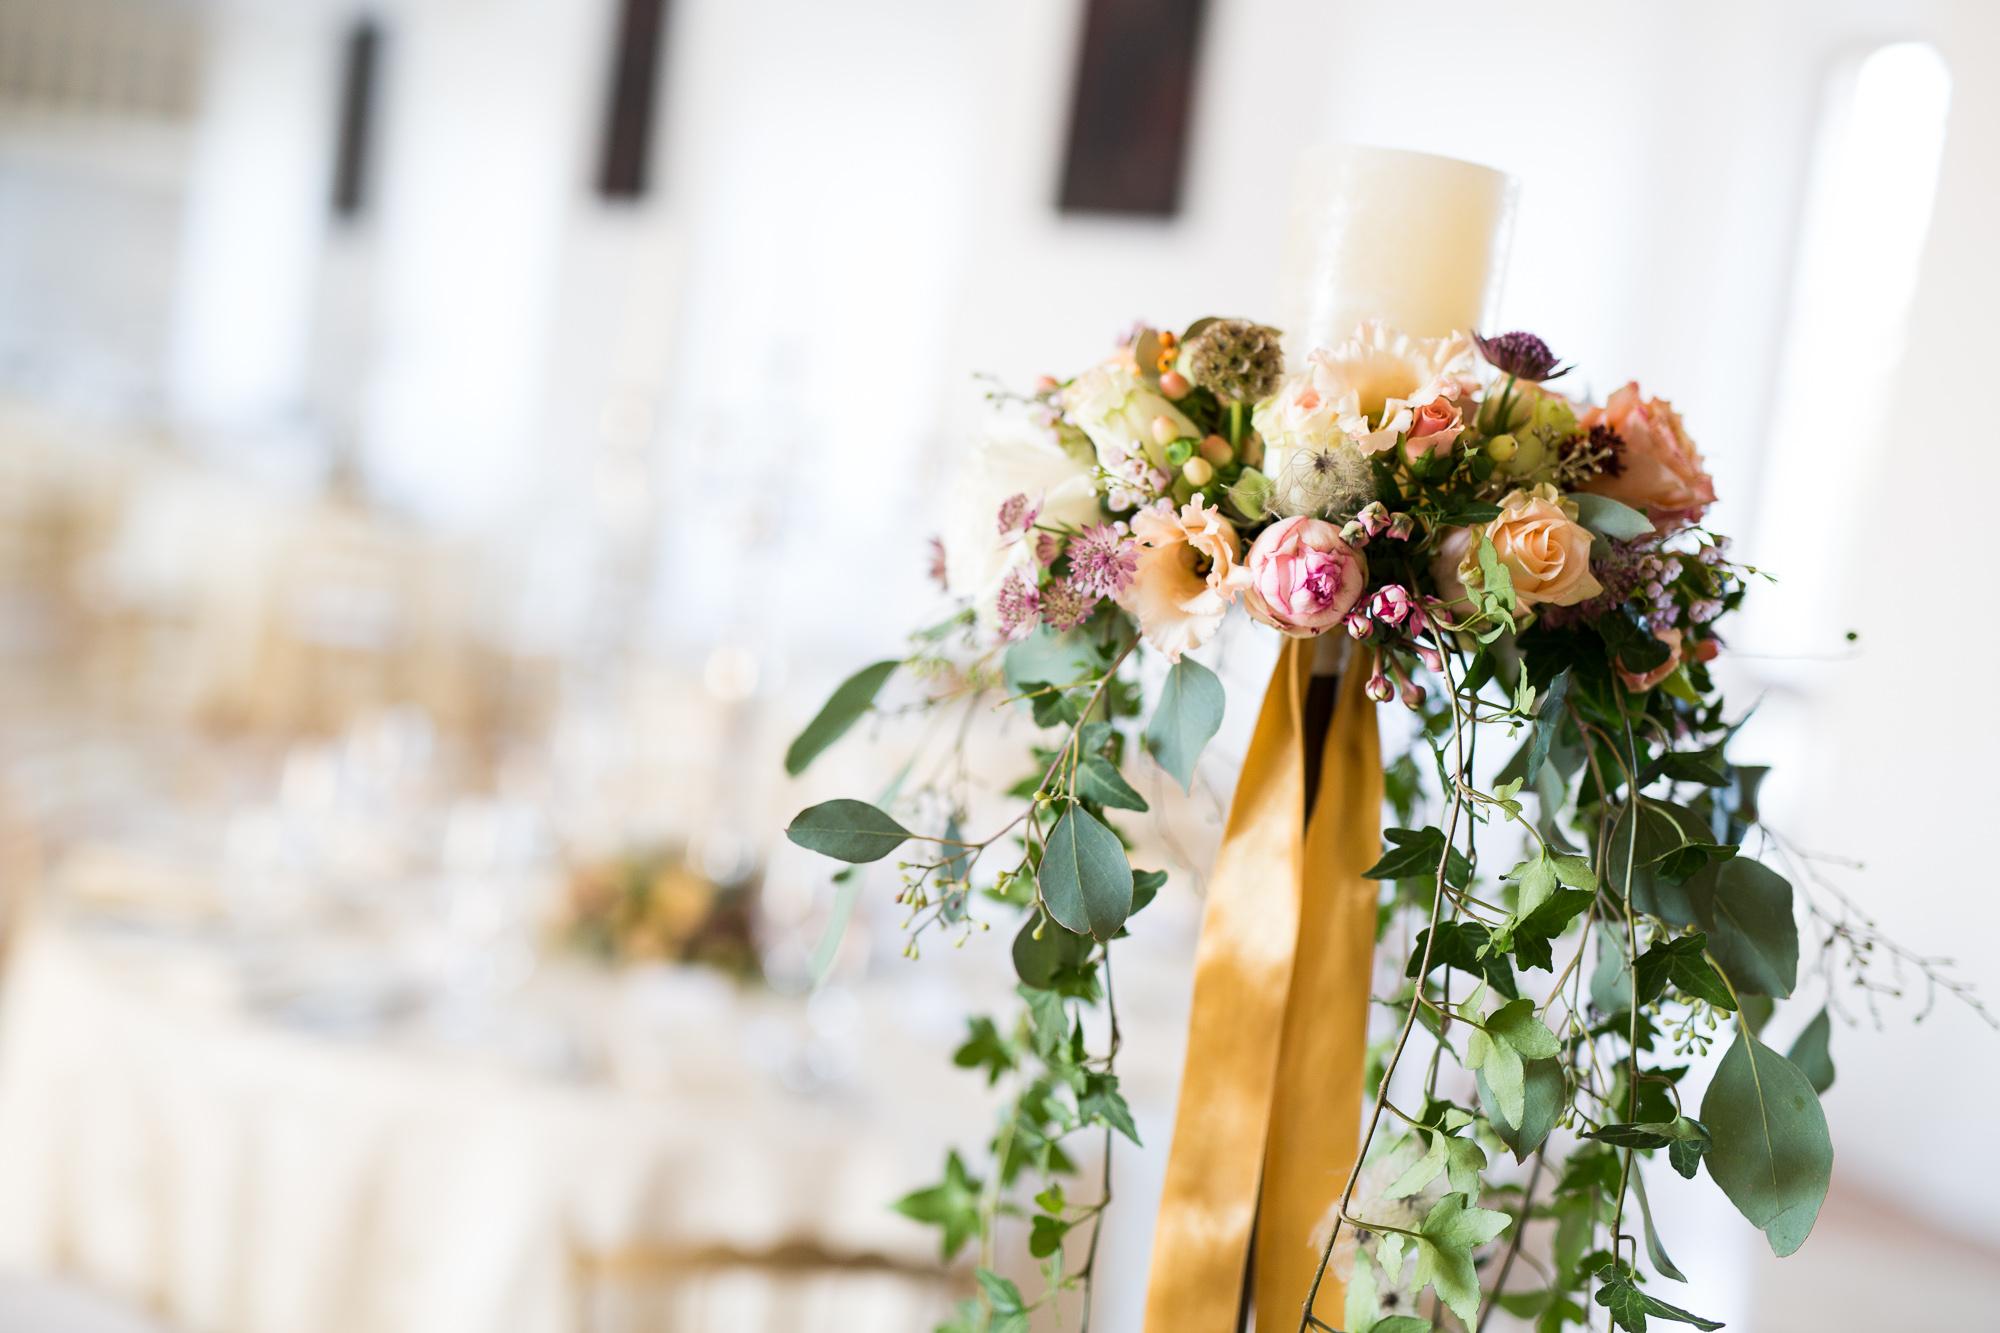 Hochzeitsfloristik Gesteck Kerzenstaender mit weisser Kerze und herum rosa orange und weisse Blumen mit runterhaengendem Efeu